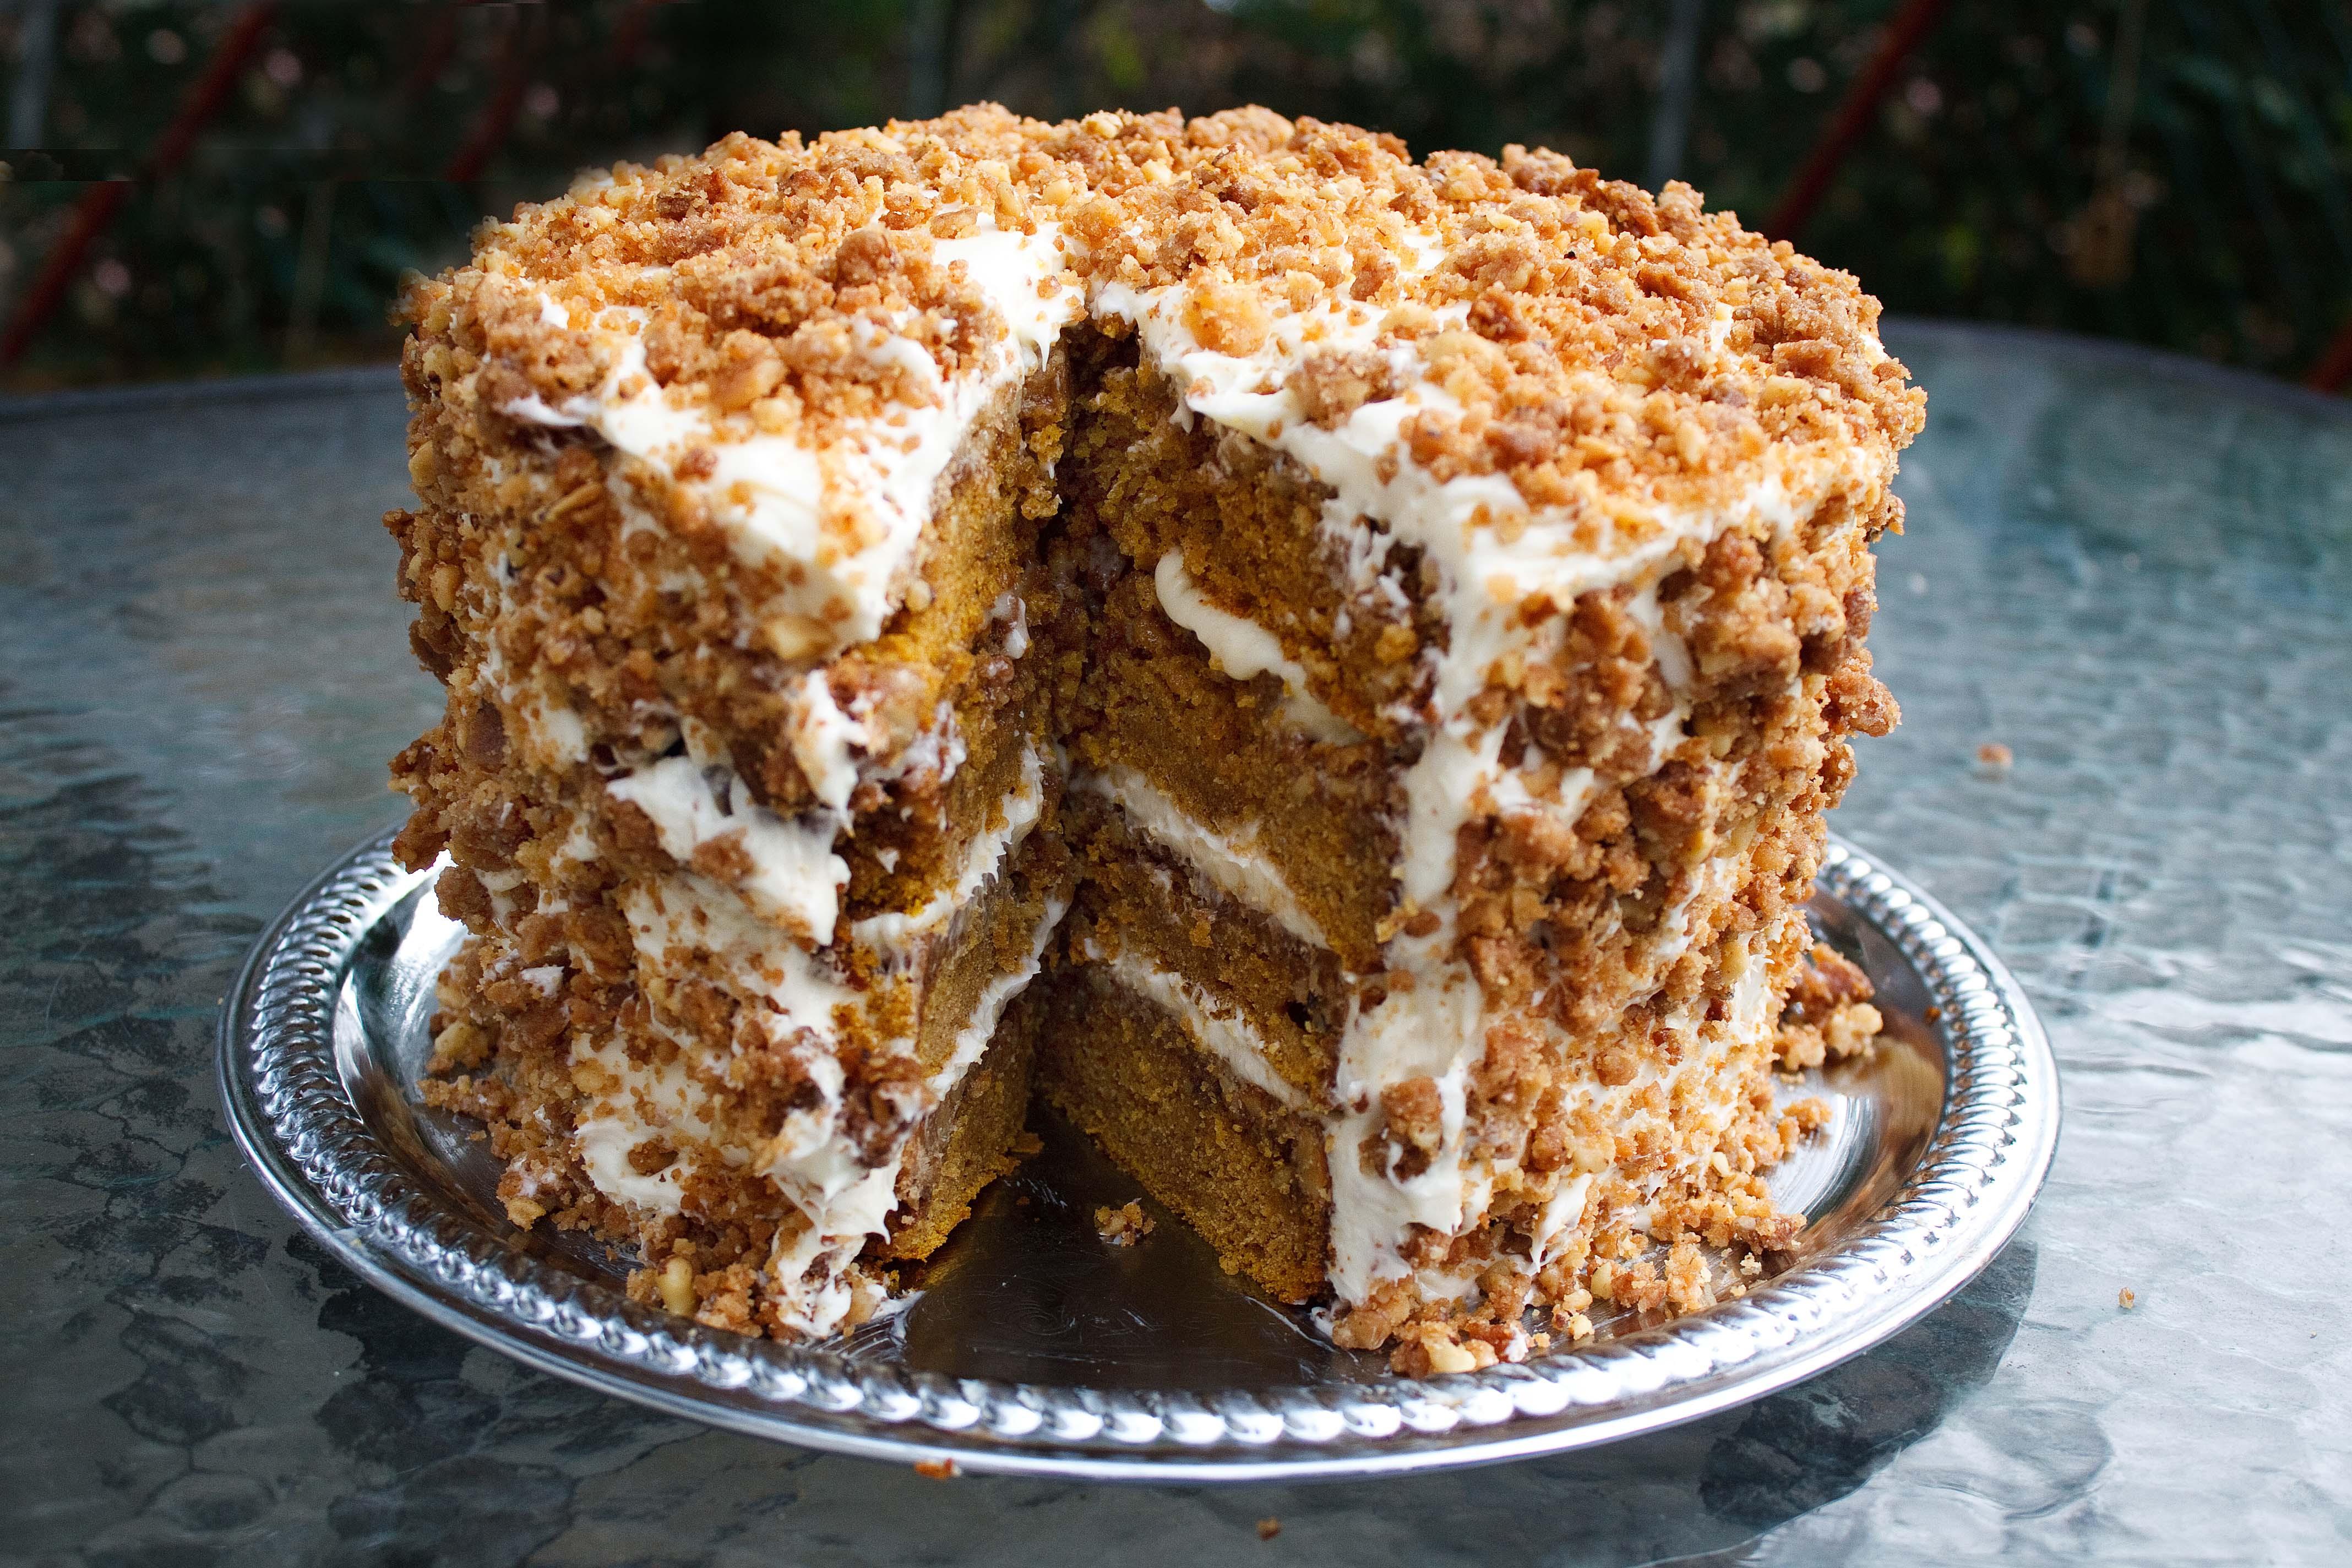 Pumpkin Crunch Cake Recipe  The Great Pumpkin Crunch Cake & Cream Cheese Mascarpone